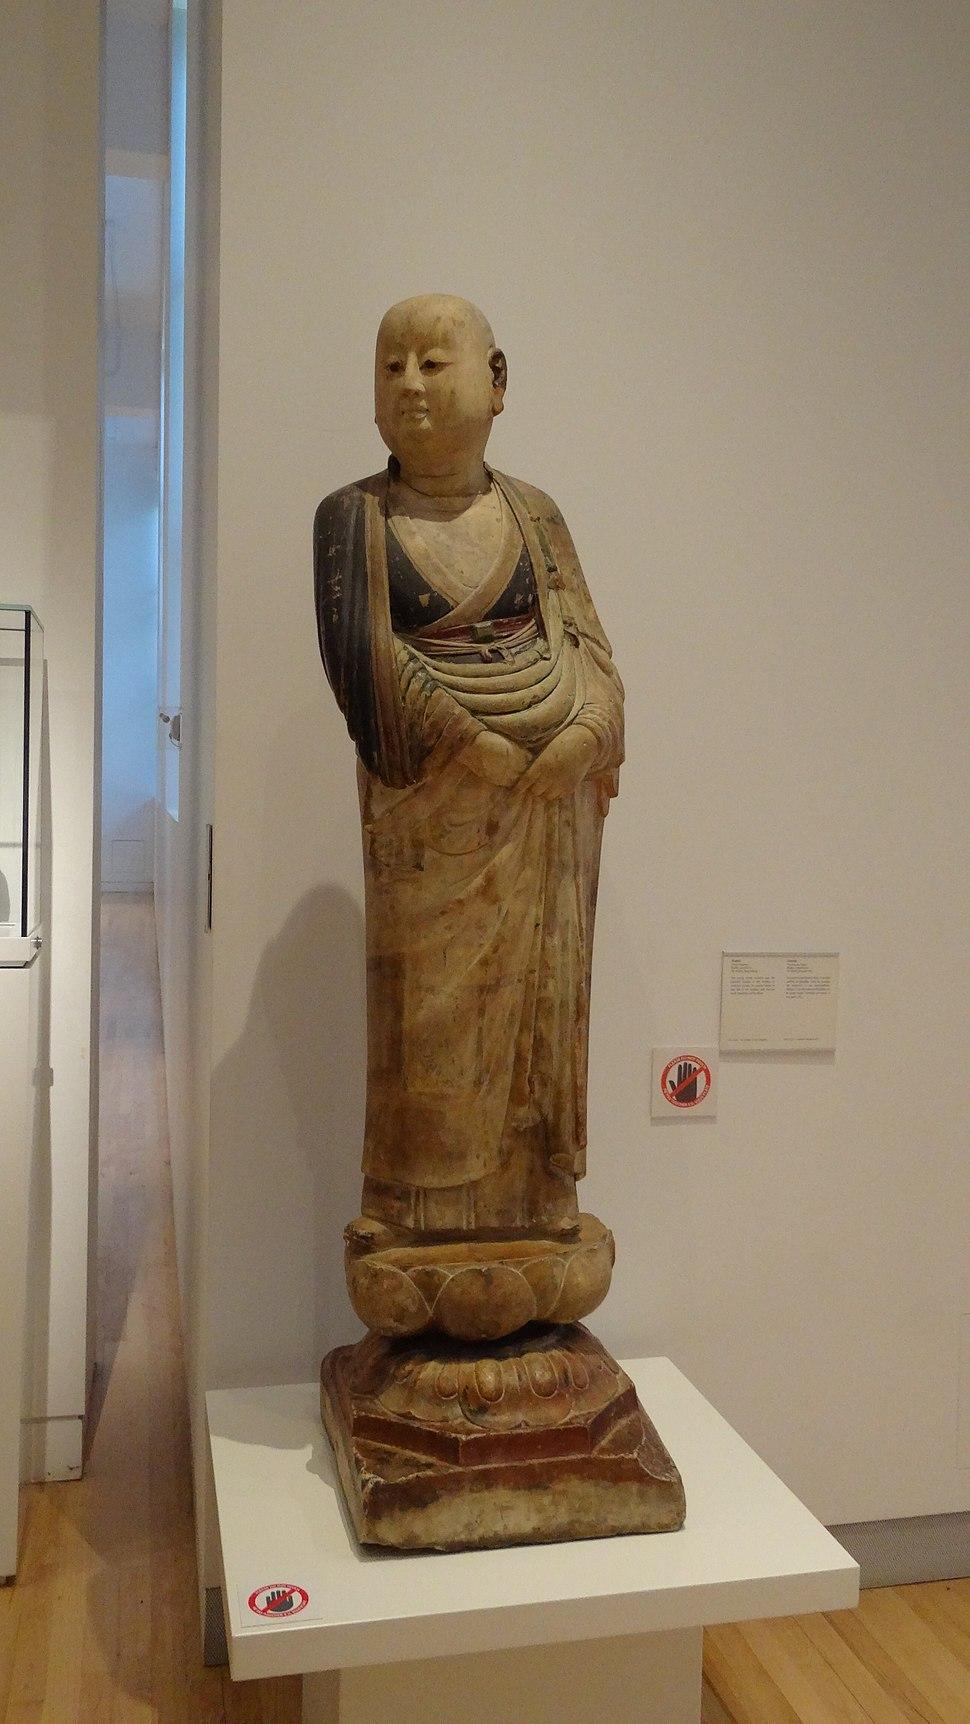 Kashyapa and Ananda, Southeast Asia Gallery, Royal Ontario Museum, Kashyapa front